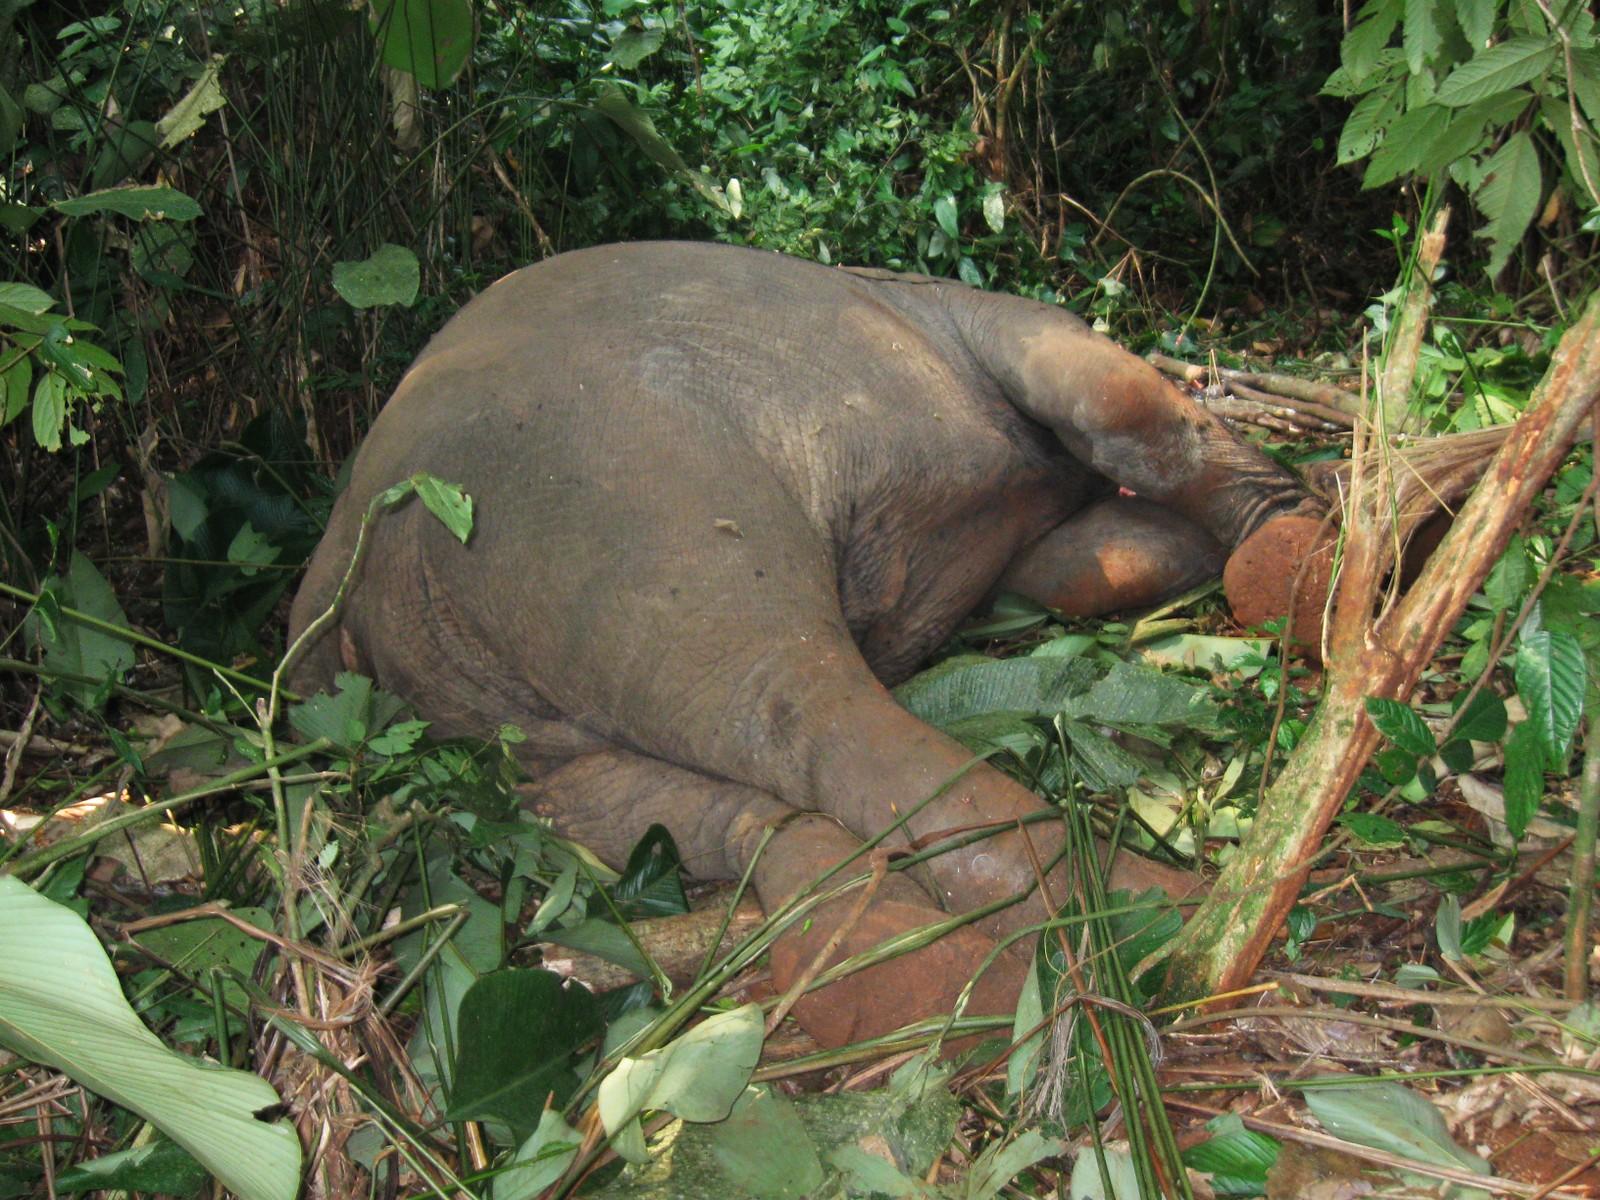 Dette er et av fire elefantkadaver som funnet i Kongo som ledd i UNEPs aksjon.